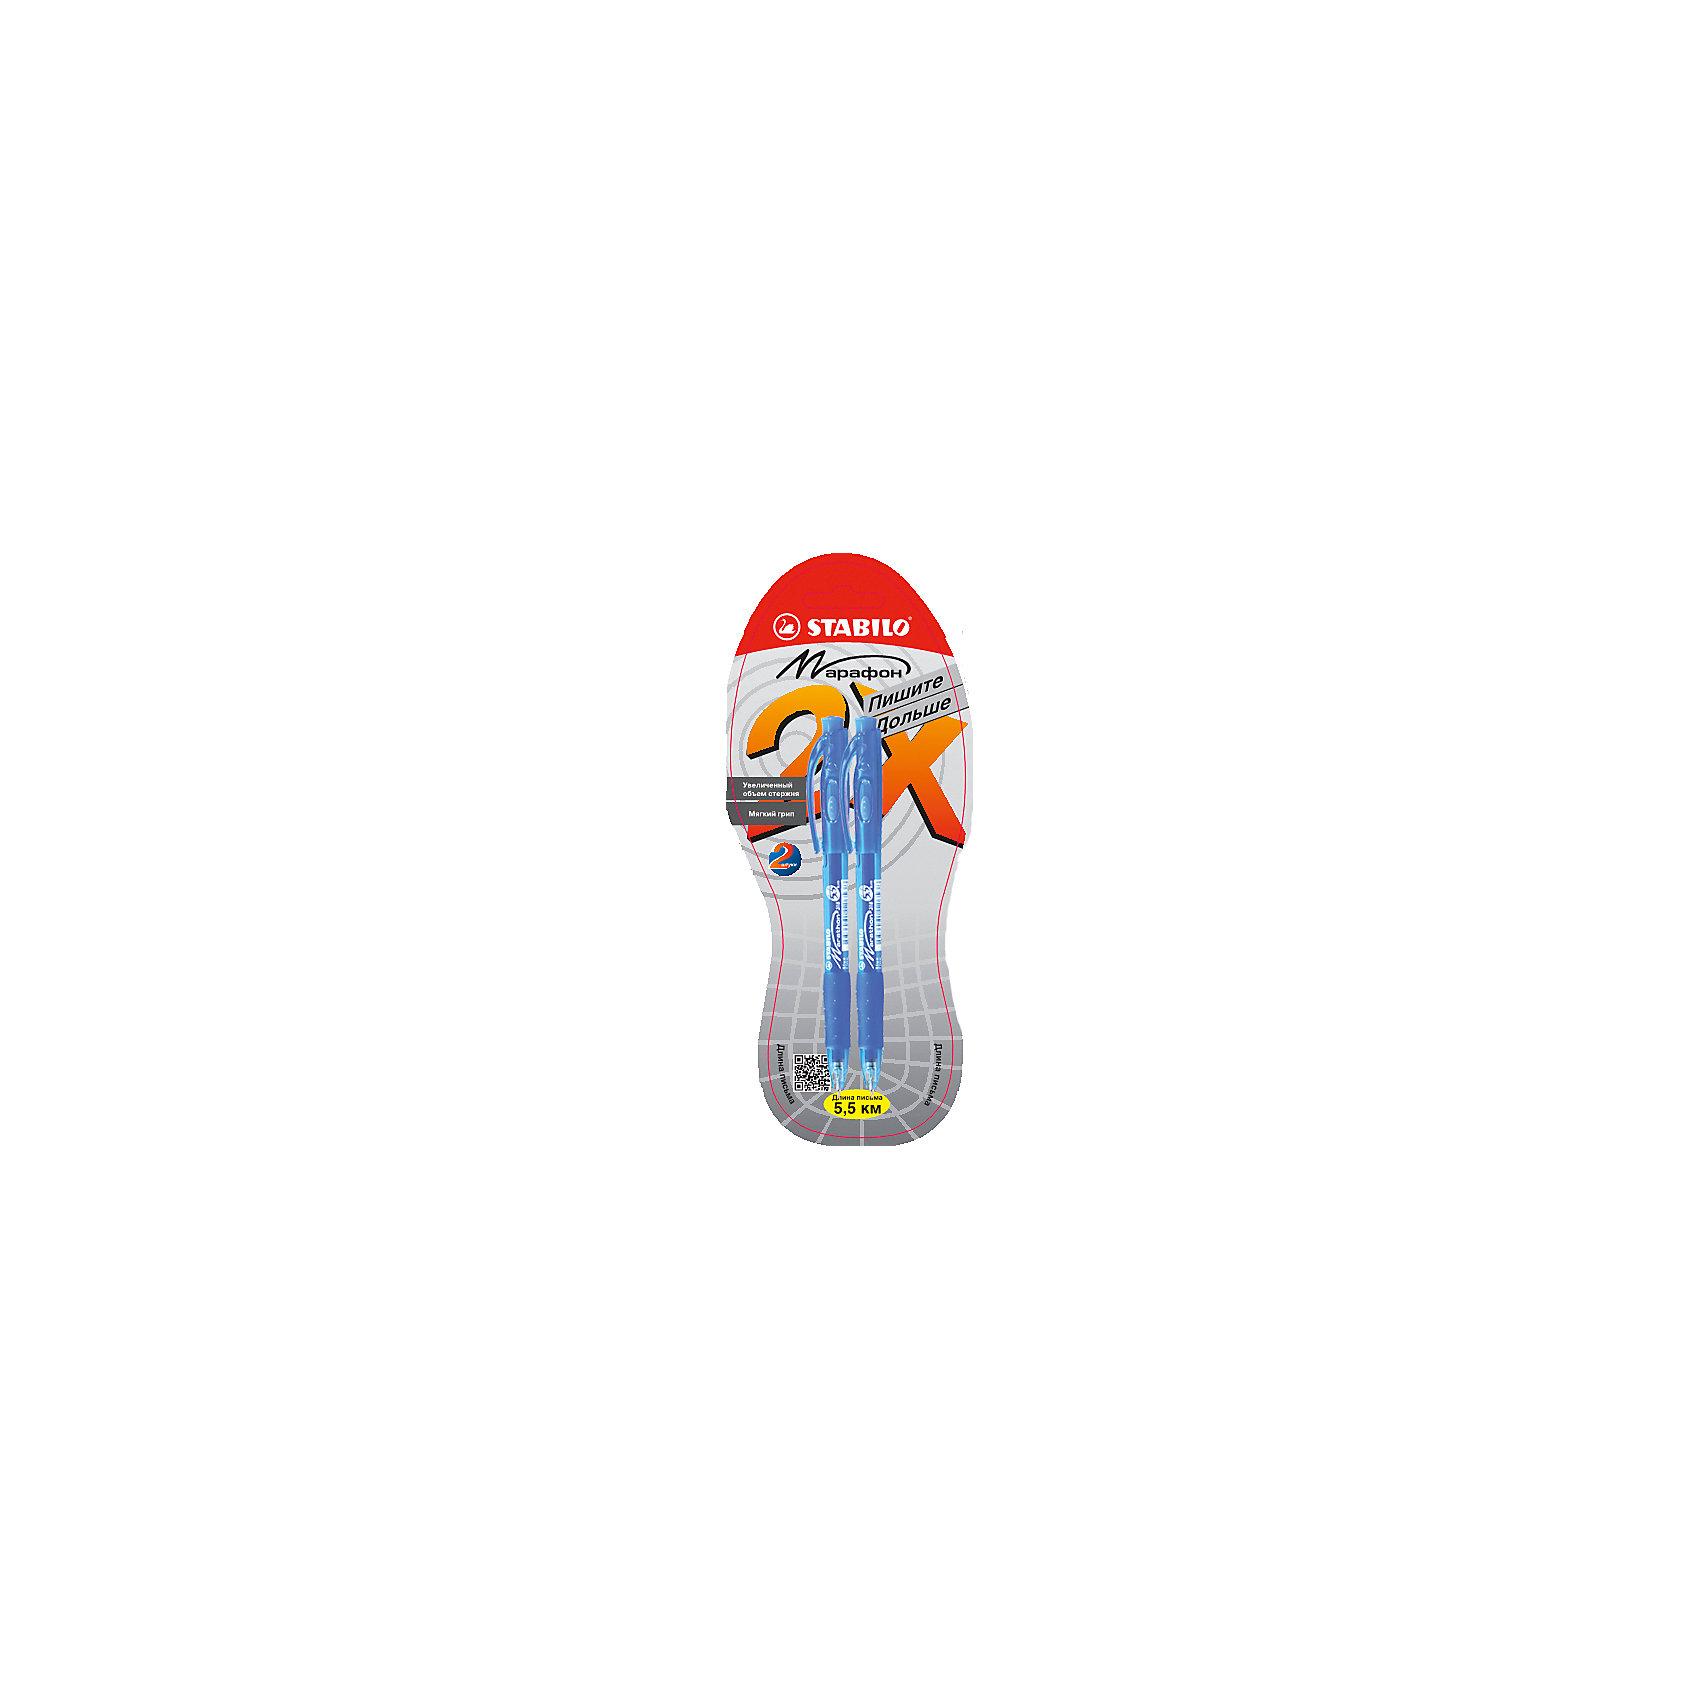 Ручка шариковая MARATHON синяя 2шт 0,3ммПисьменные принадлежности<br>Автоматическая шариковая ручка Stabilo Marathon 318/41 - 2 шт. в блистере. Имеет прозрачный пластиковый корпус. Оснащена каучуковой манжеткой, которая предотвращает скольжение пальцев. Увеличенное количество пасты позволяет реже производить замену стержня. Синие чернила.<br><br>Ширина мм: 20<br>Глубина мм: 8<br>Высота мм: 1<br>Вес г: 25<br>Возраст от месяцев: 36<br>Возраст до месяцев: 2147483647<br>Пол: Унисекс<br>Возраст: Детский<br>SKU: 6873772